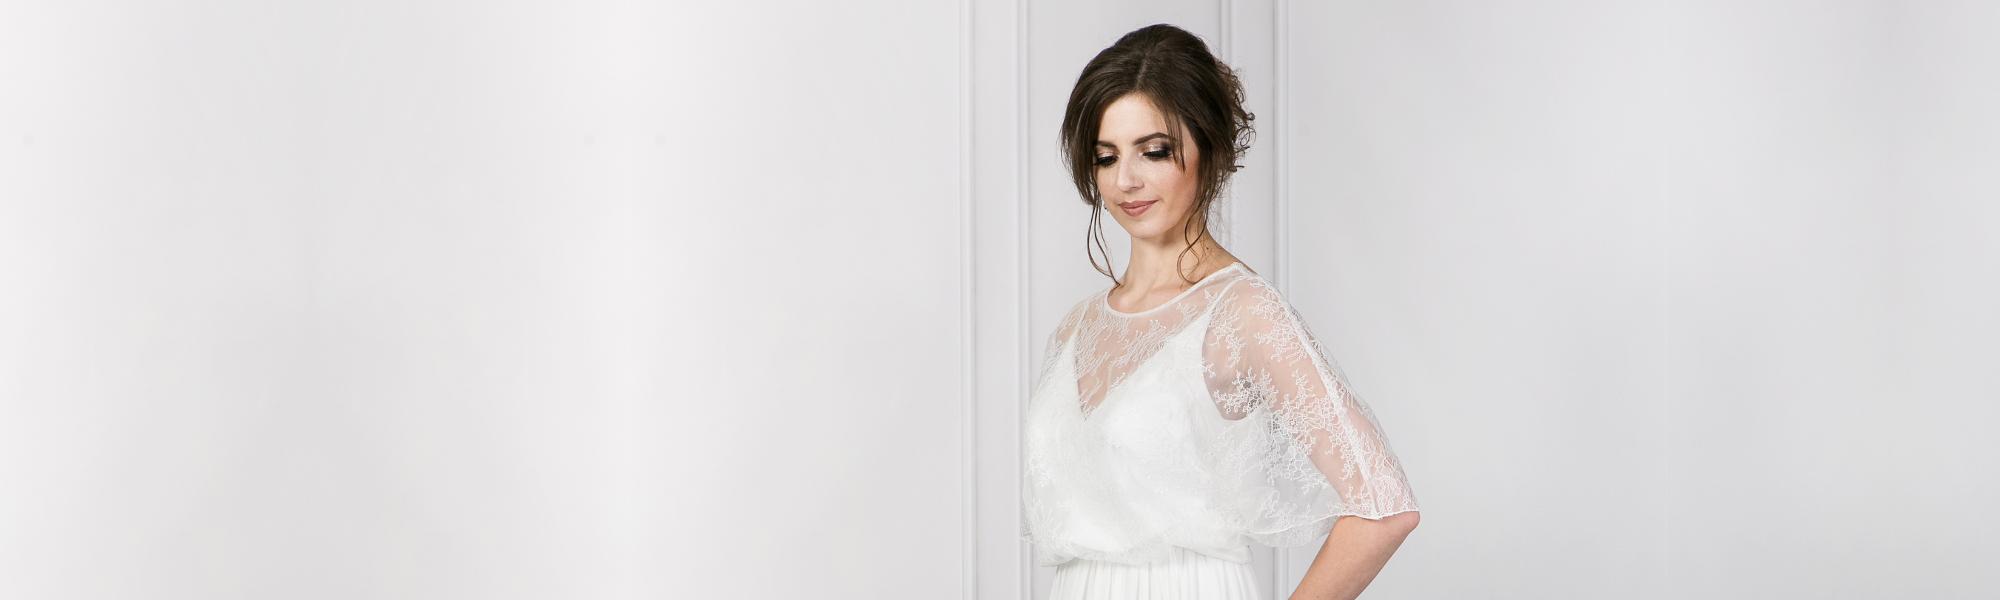 Cornelia suknia ślubna Empire muślinowa z koronką